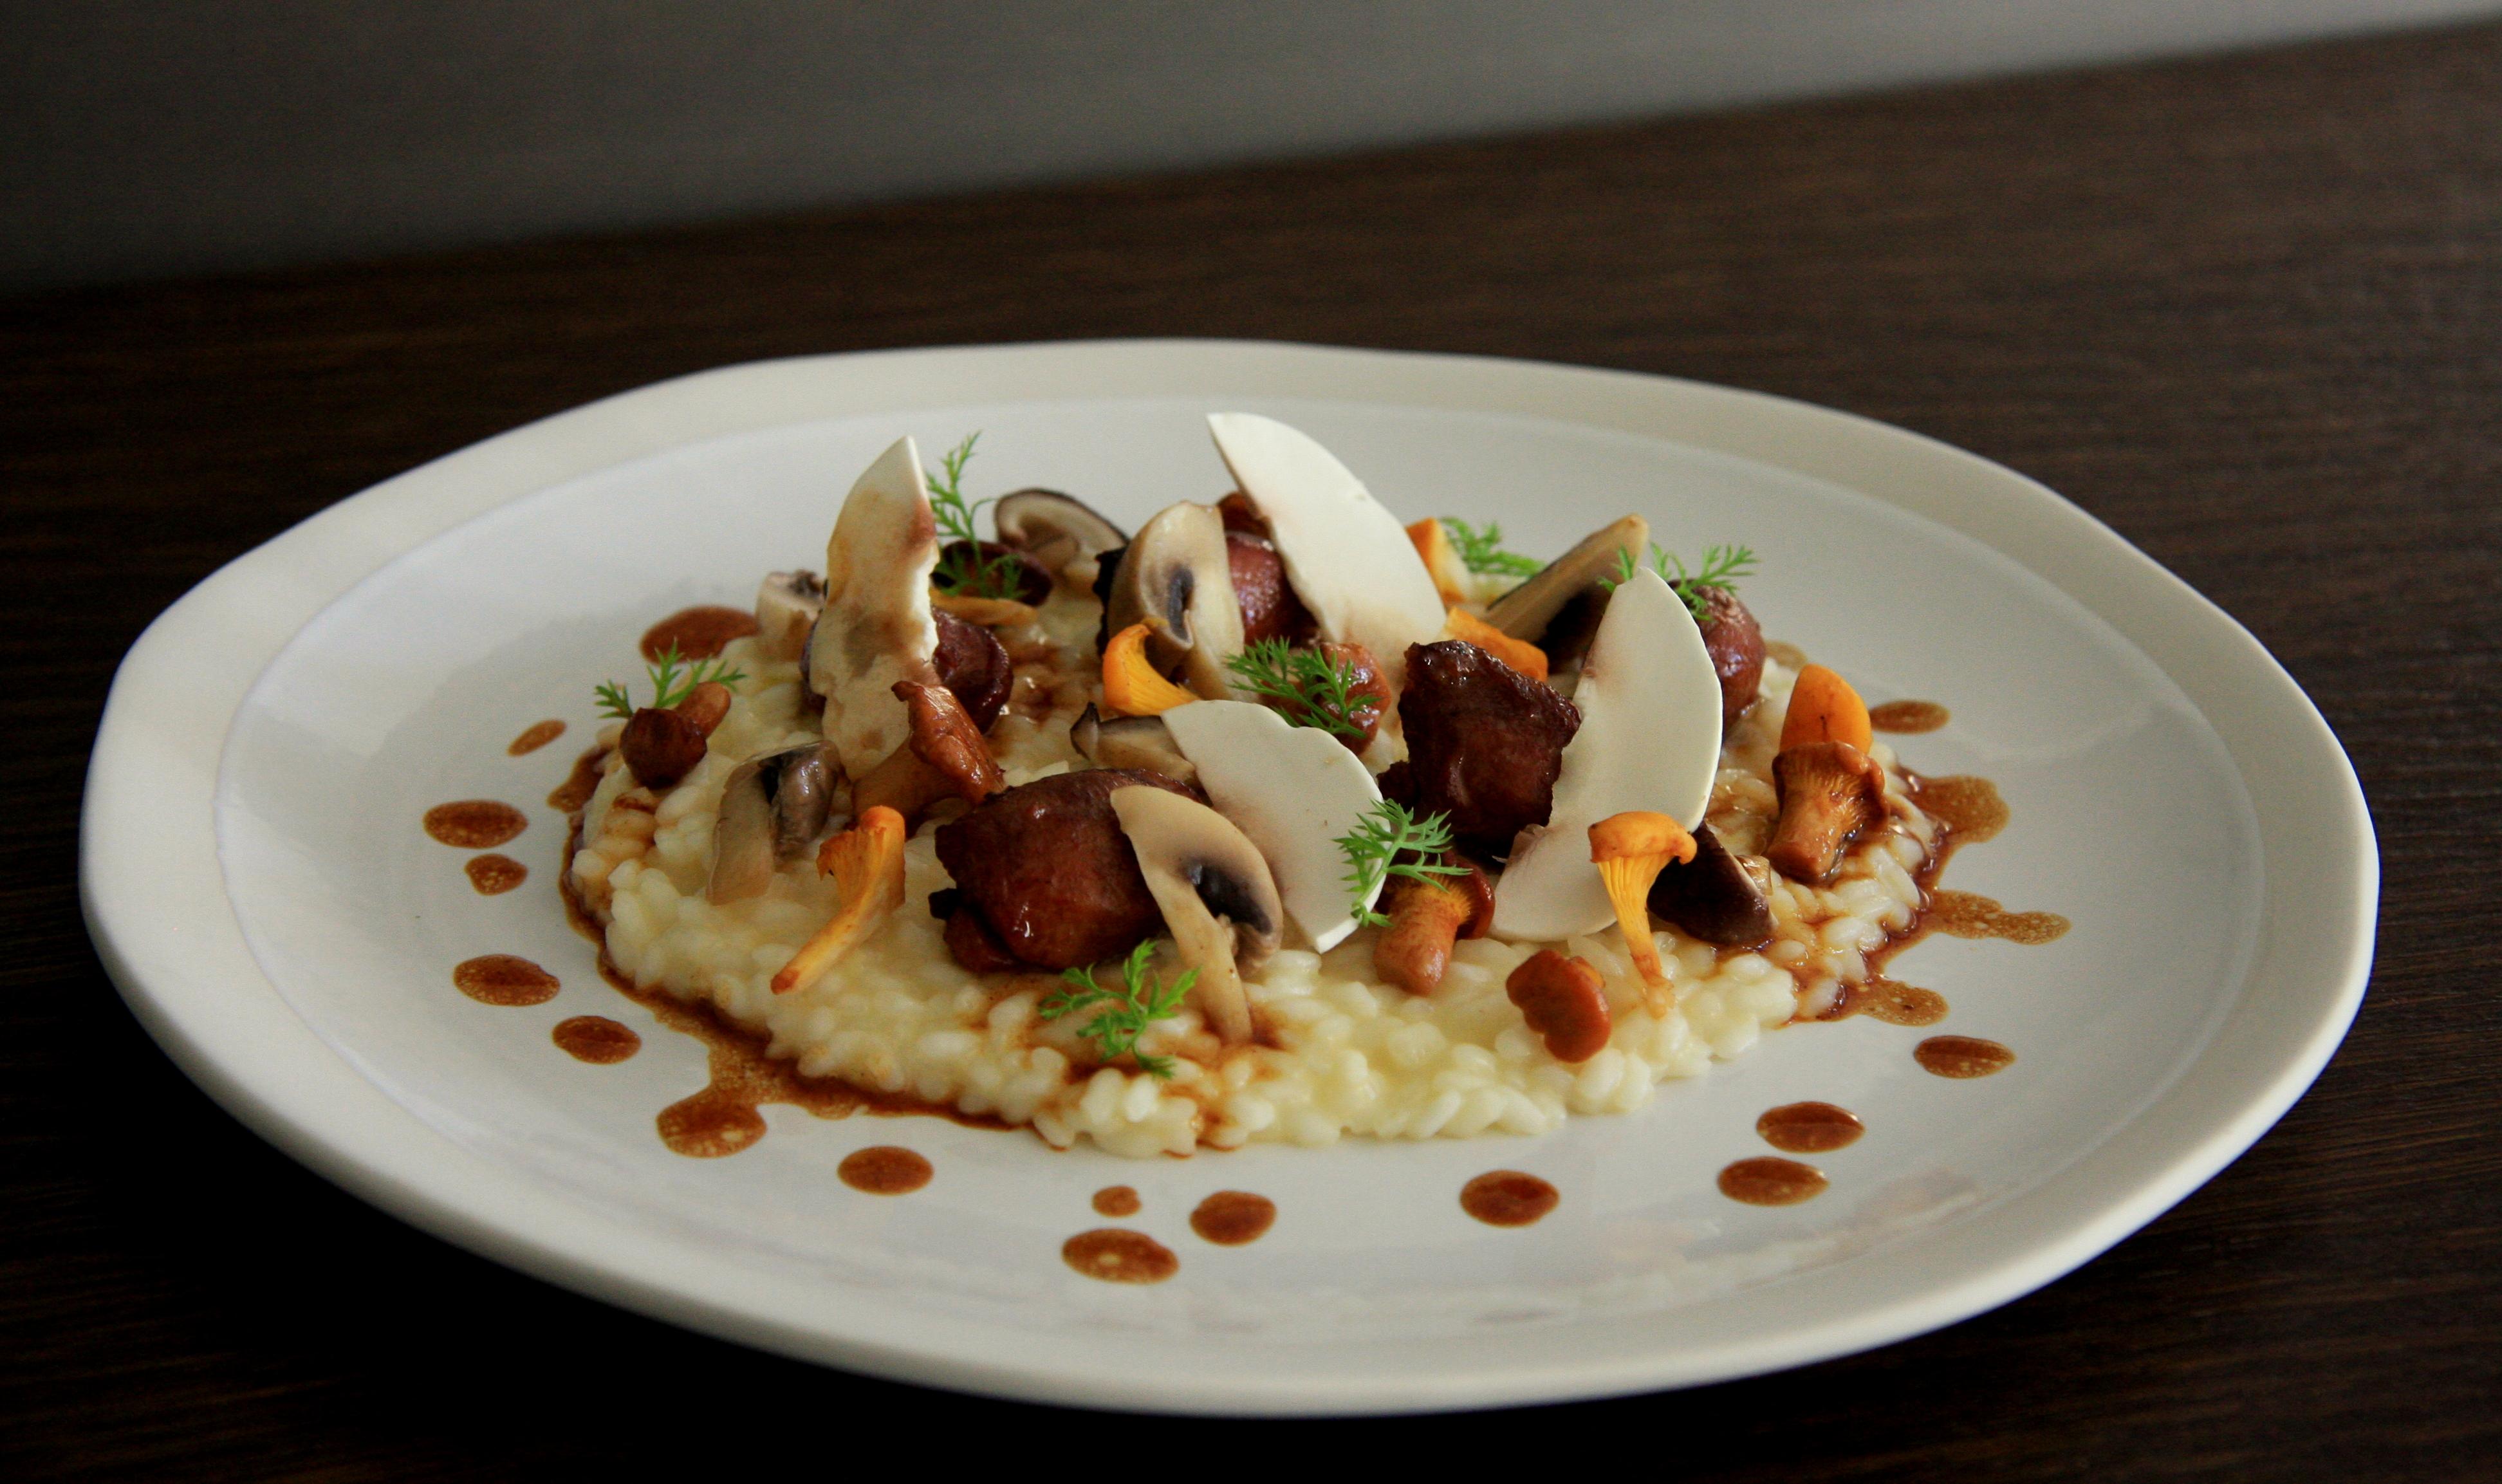 La recette du jeudi : risotto parure d'automne, sot-l'y-laisse de faisan confits et copeaux de vieux parmesan